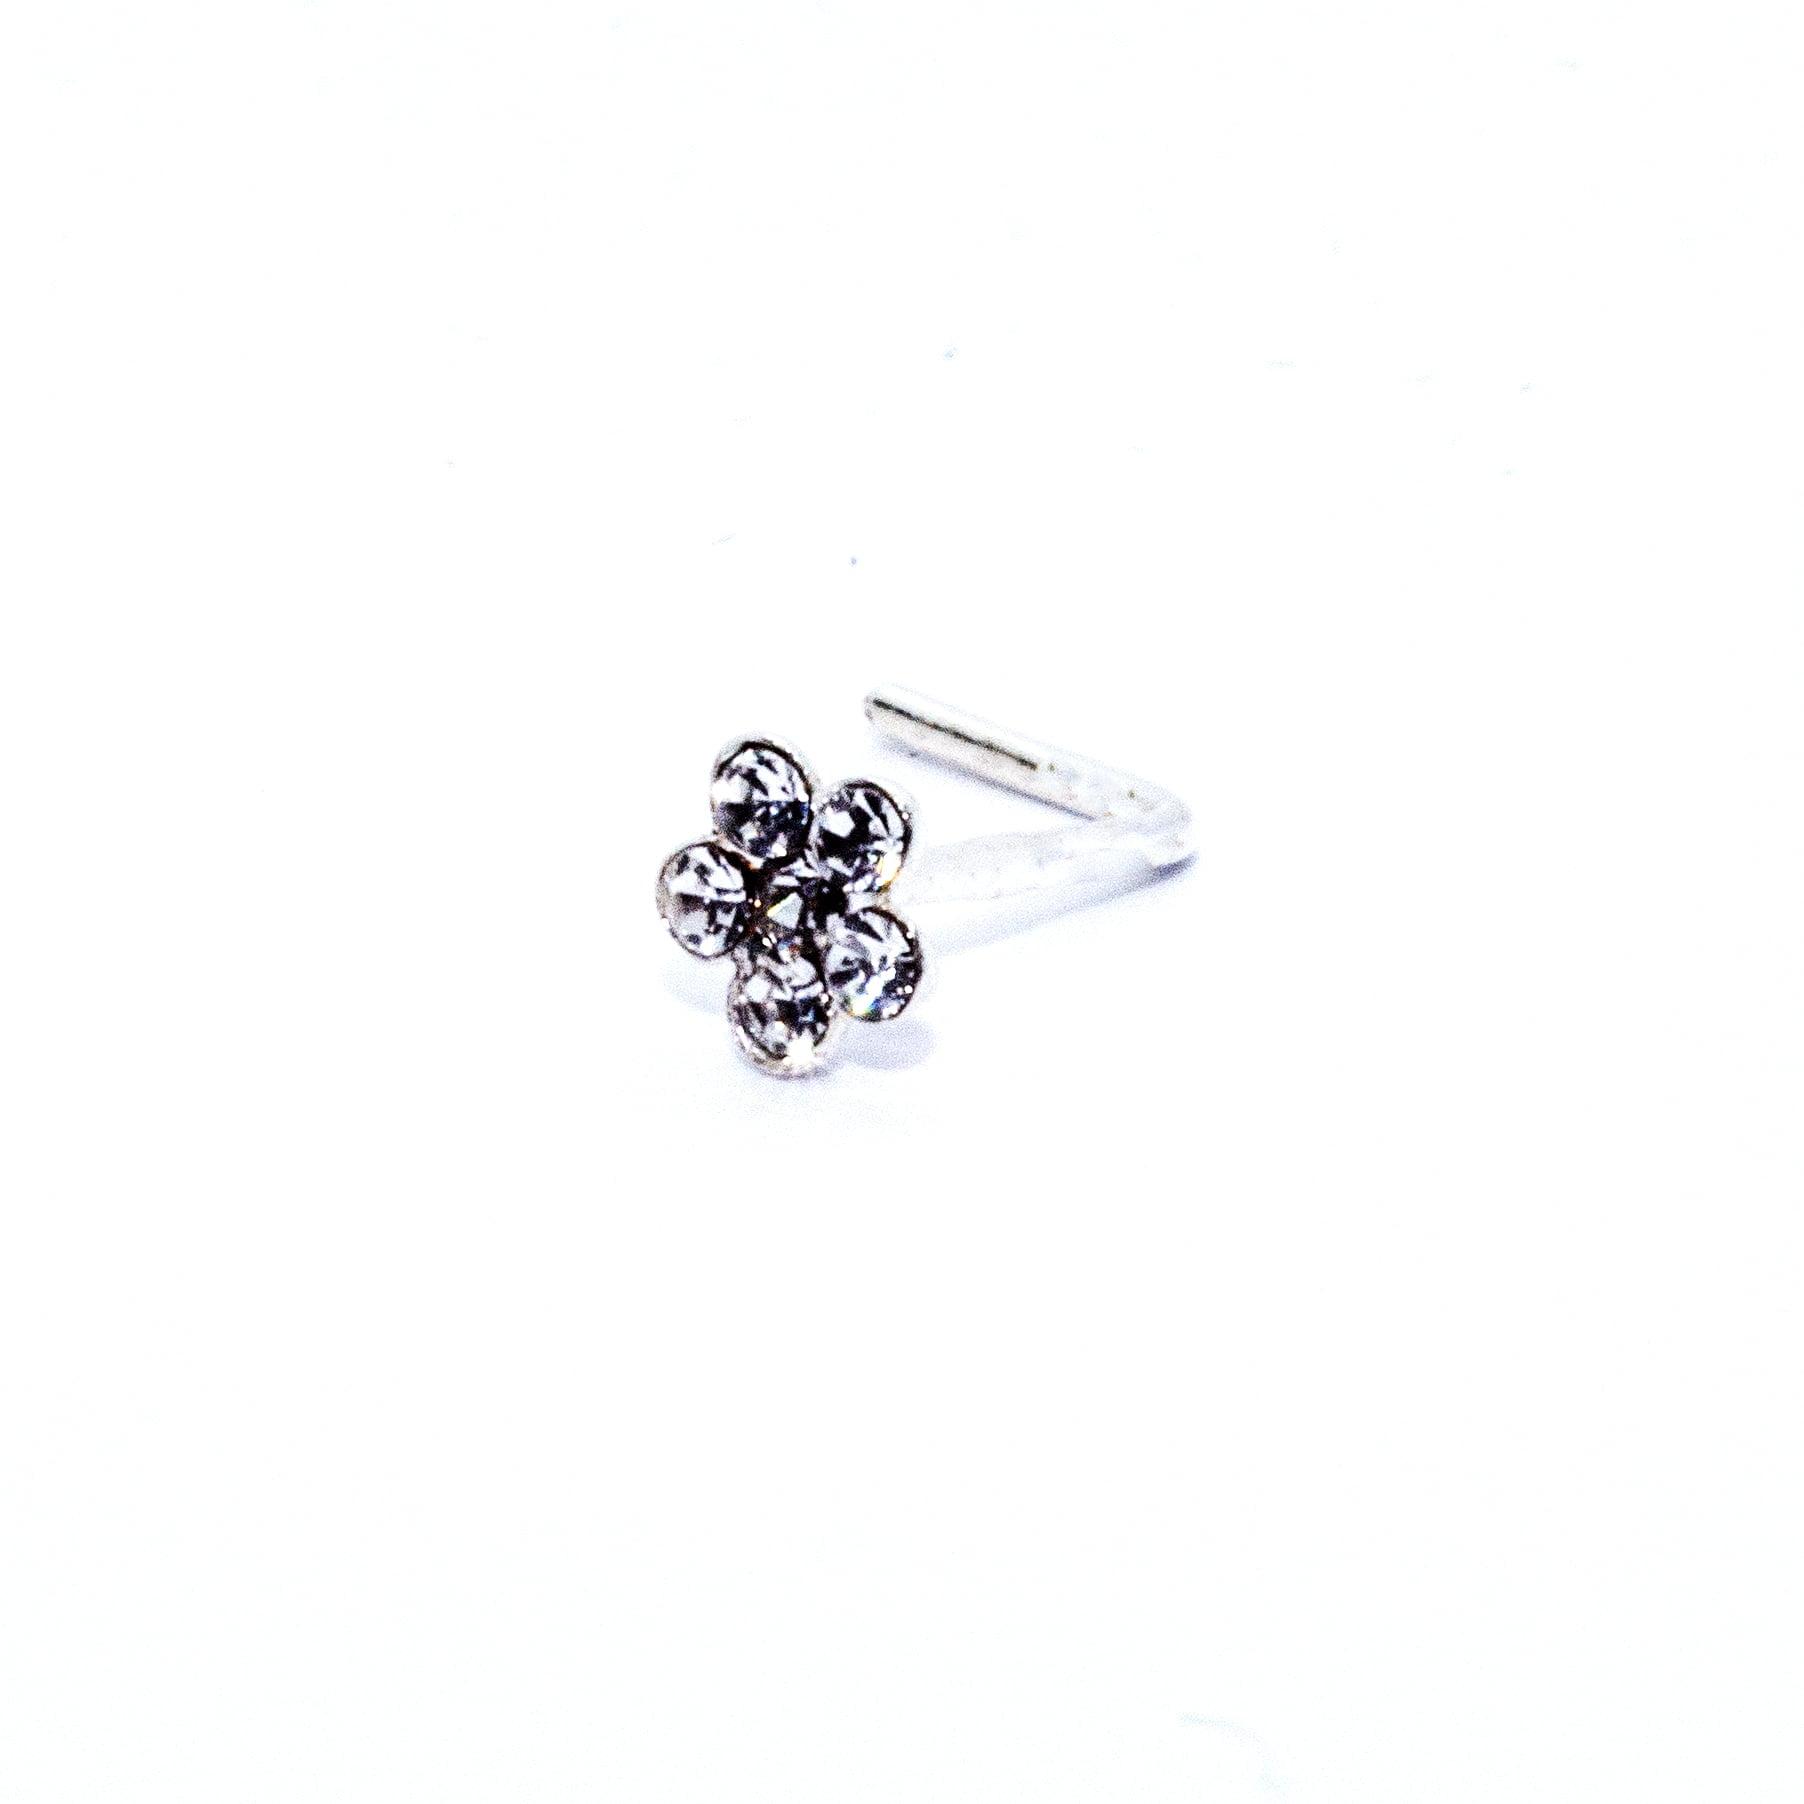 Crystal flower nose stud in sterling silver (alt1)